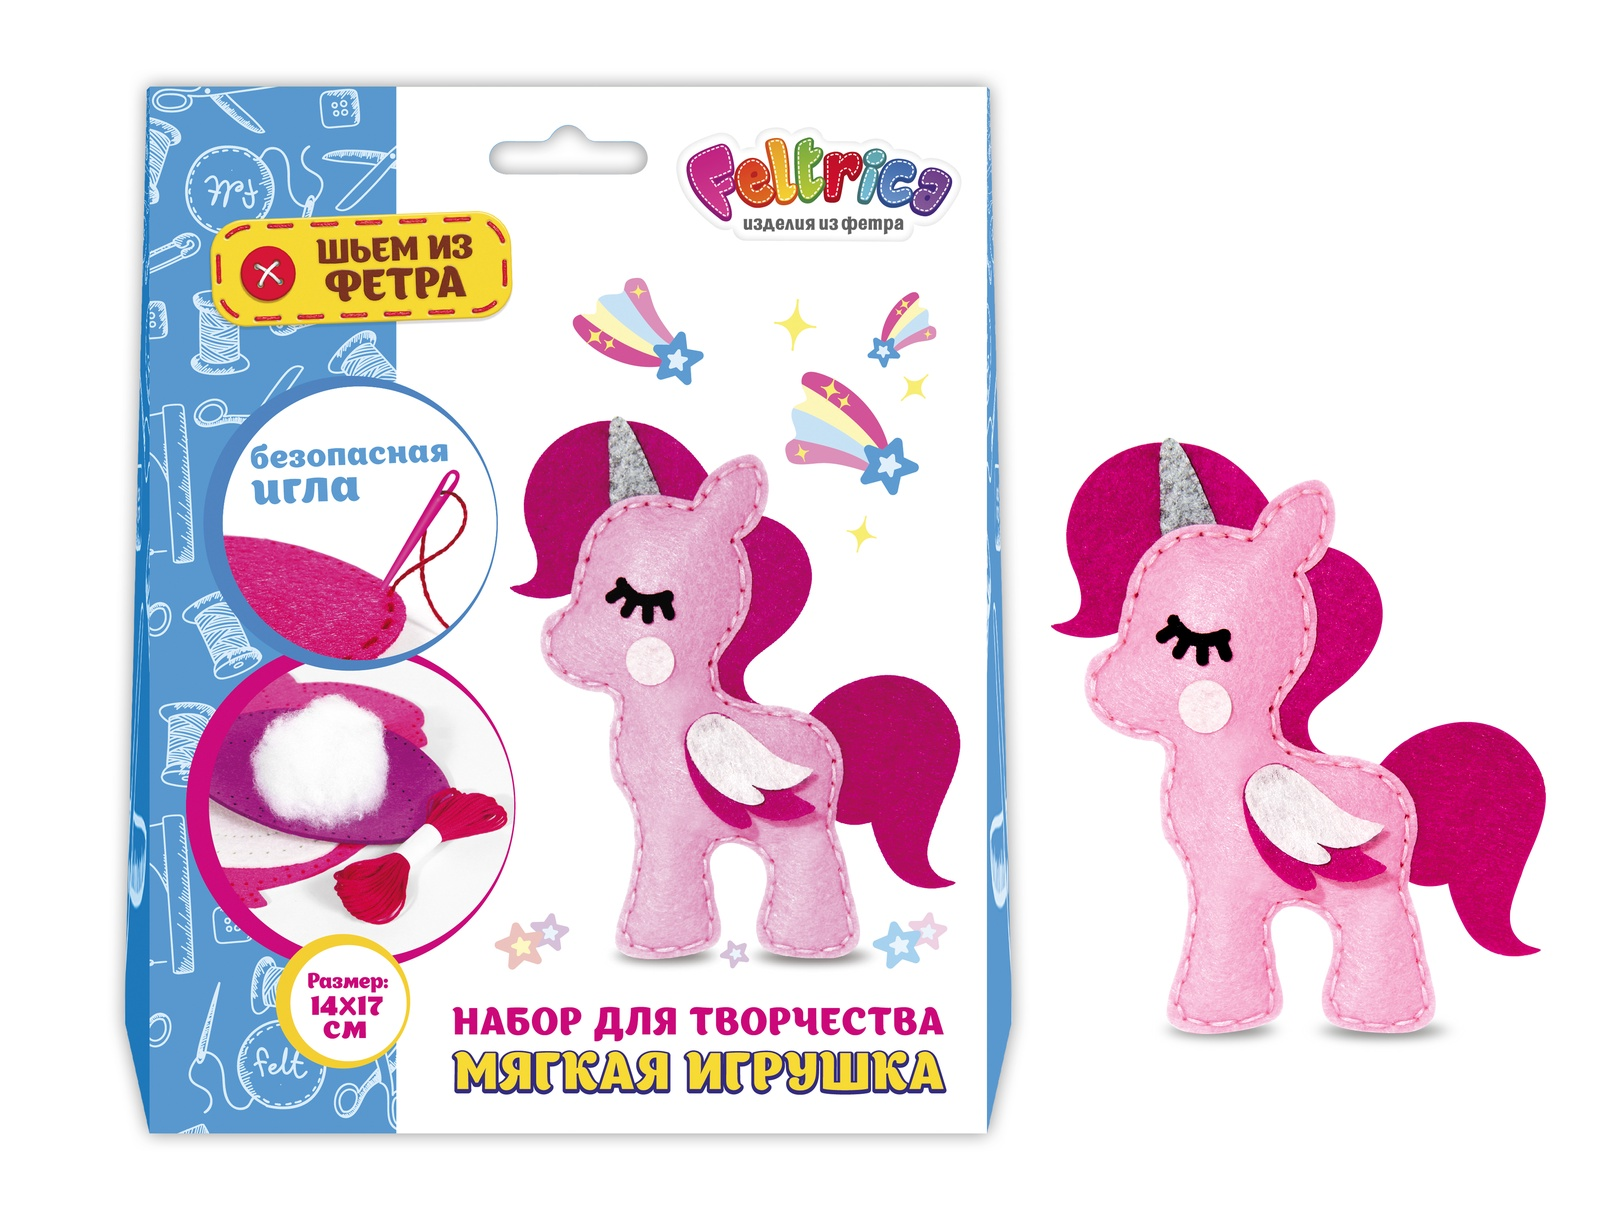 Набор для изготовления игрушки Feltrica Шьем из фетра Единорог розовый военные игрушки для детей did y26 36 ss067 fbi hrt